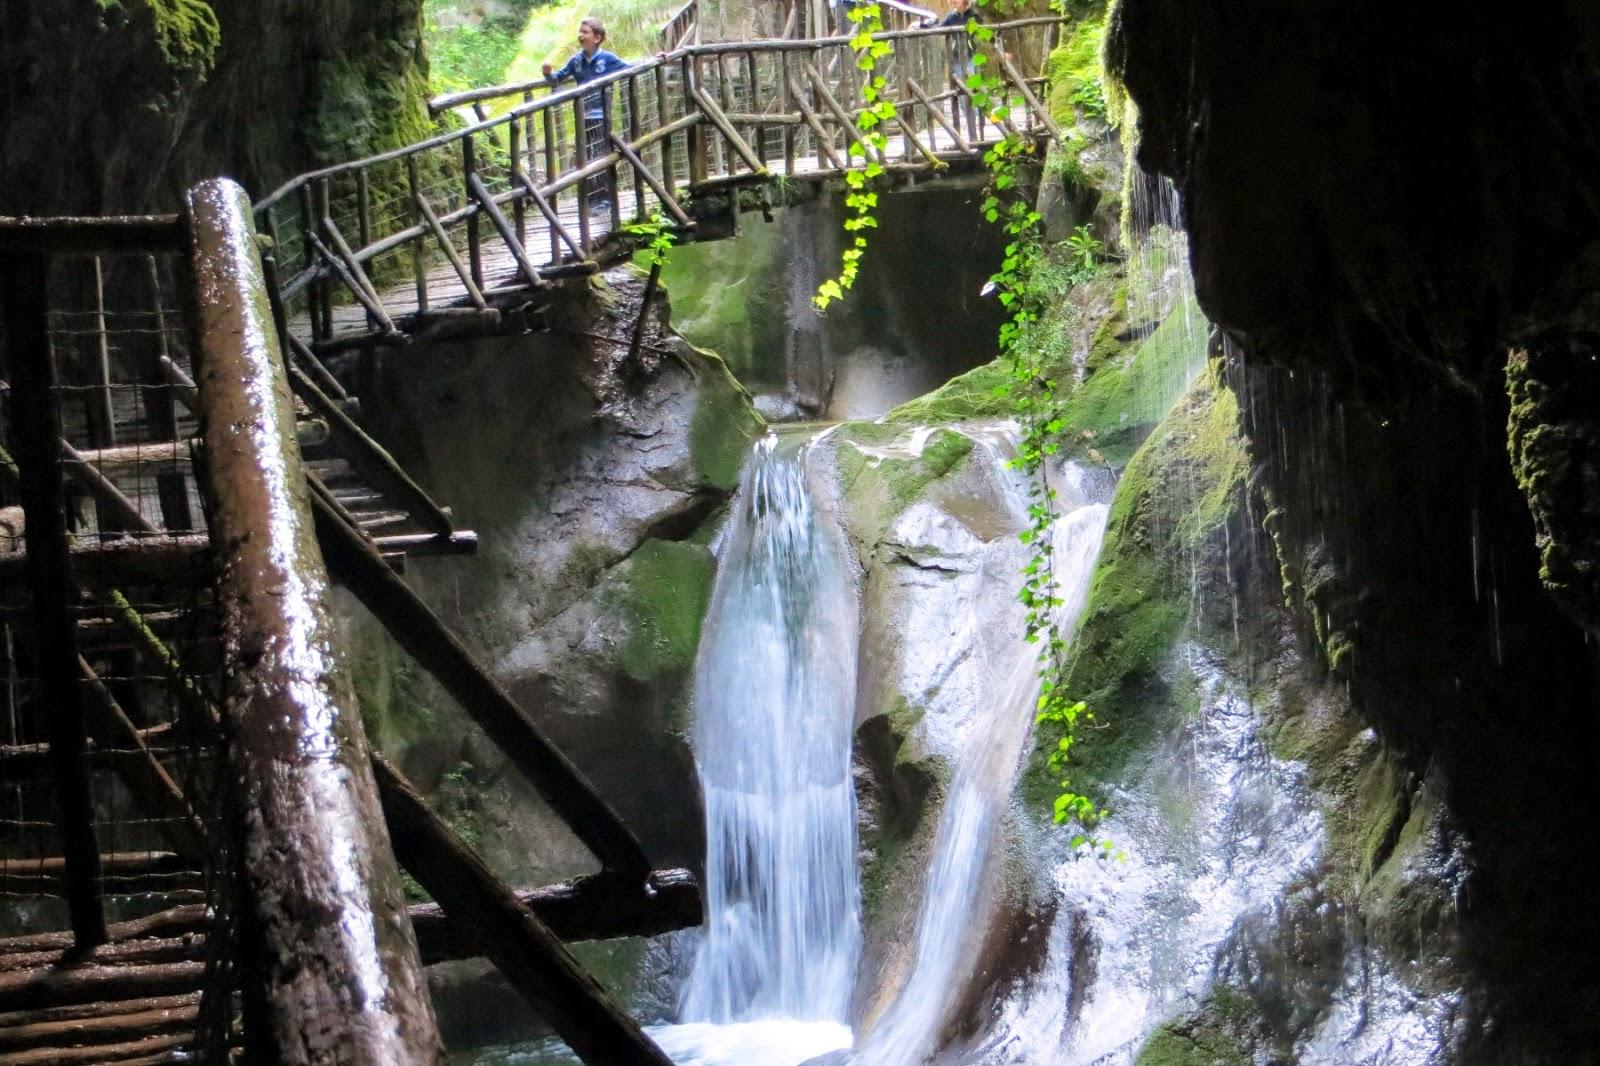 escursione sul bosco del cansiglio a malga mezzomiglio